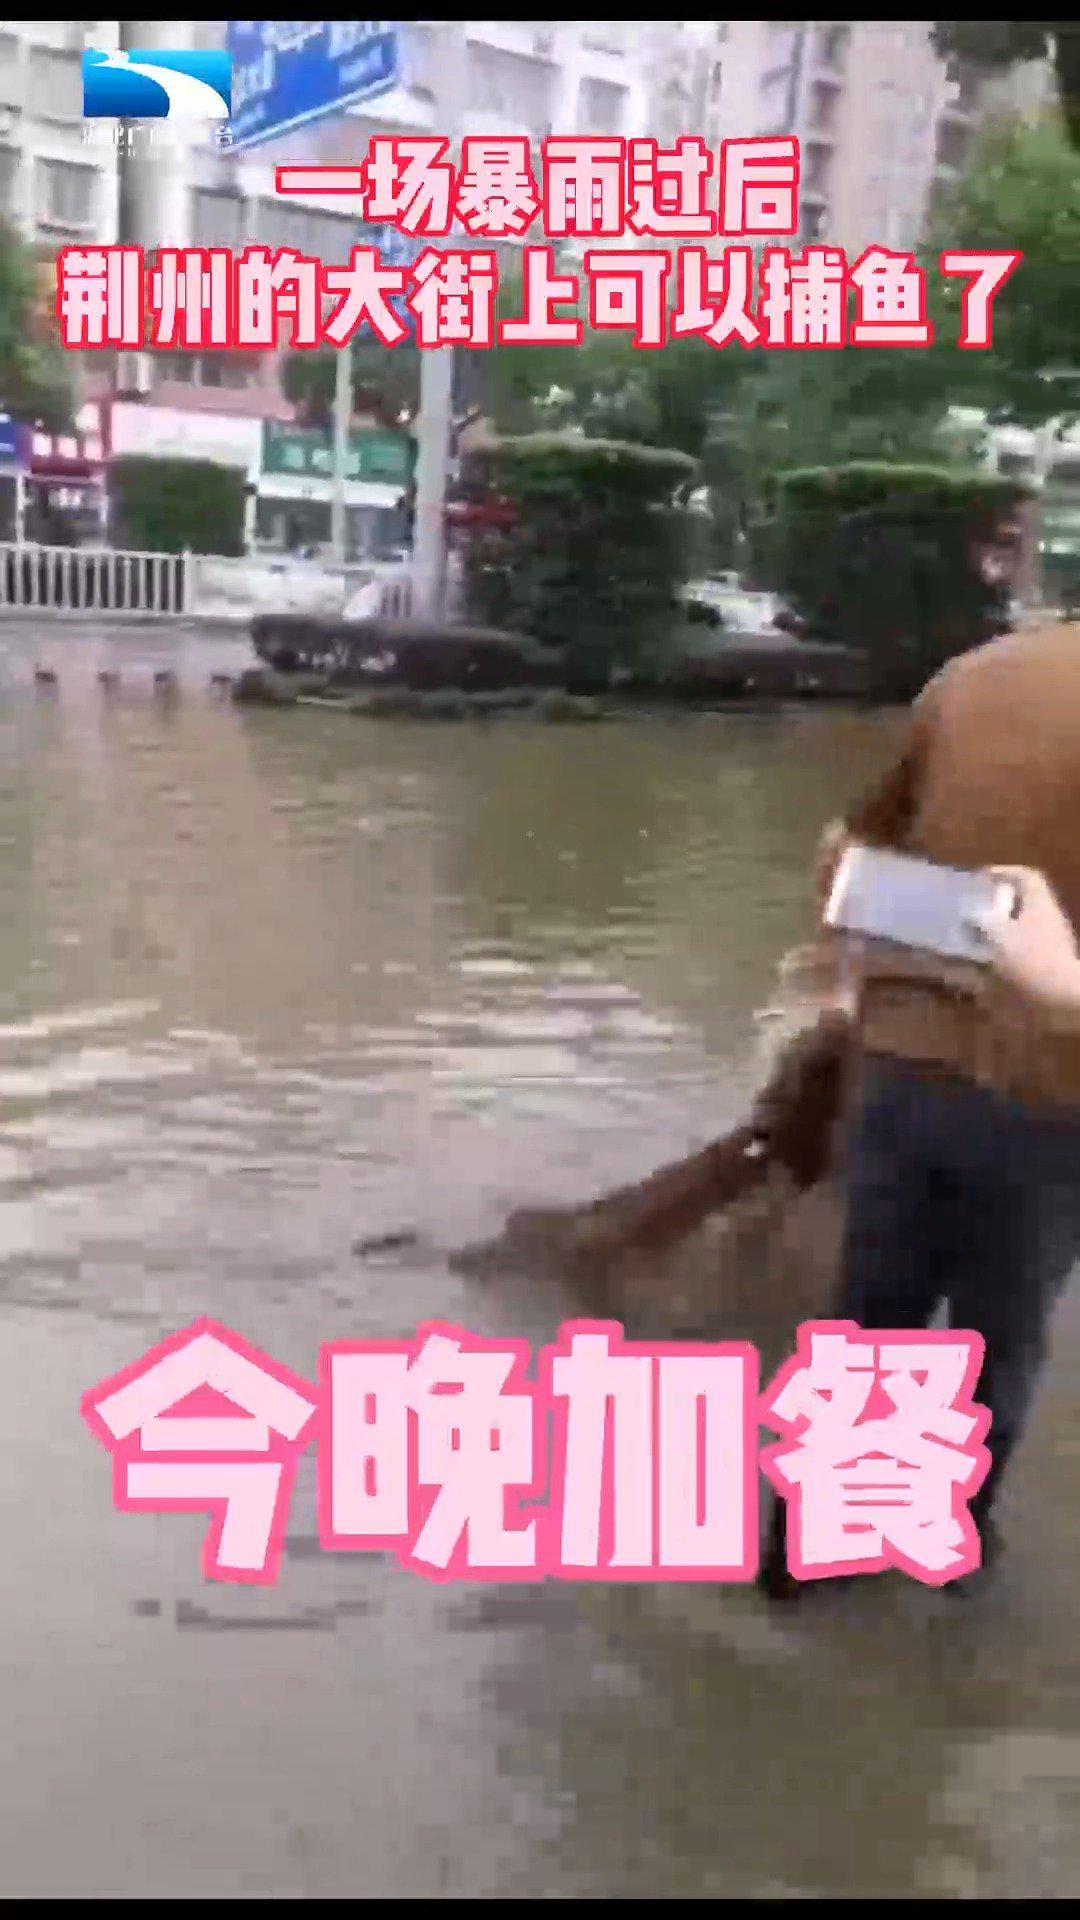 一场暴雨过后,荆州的大街上可以捕鱼了